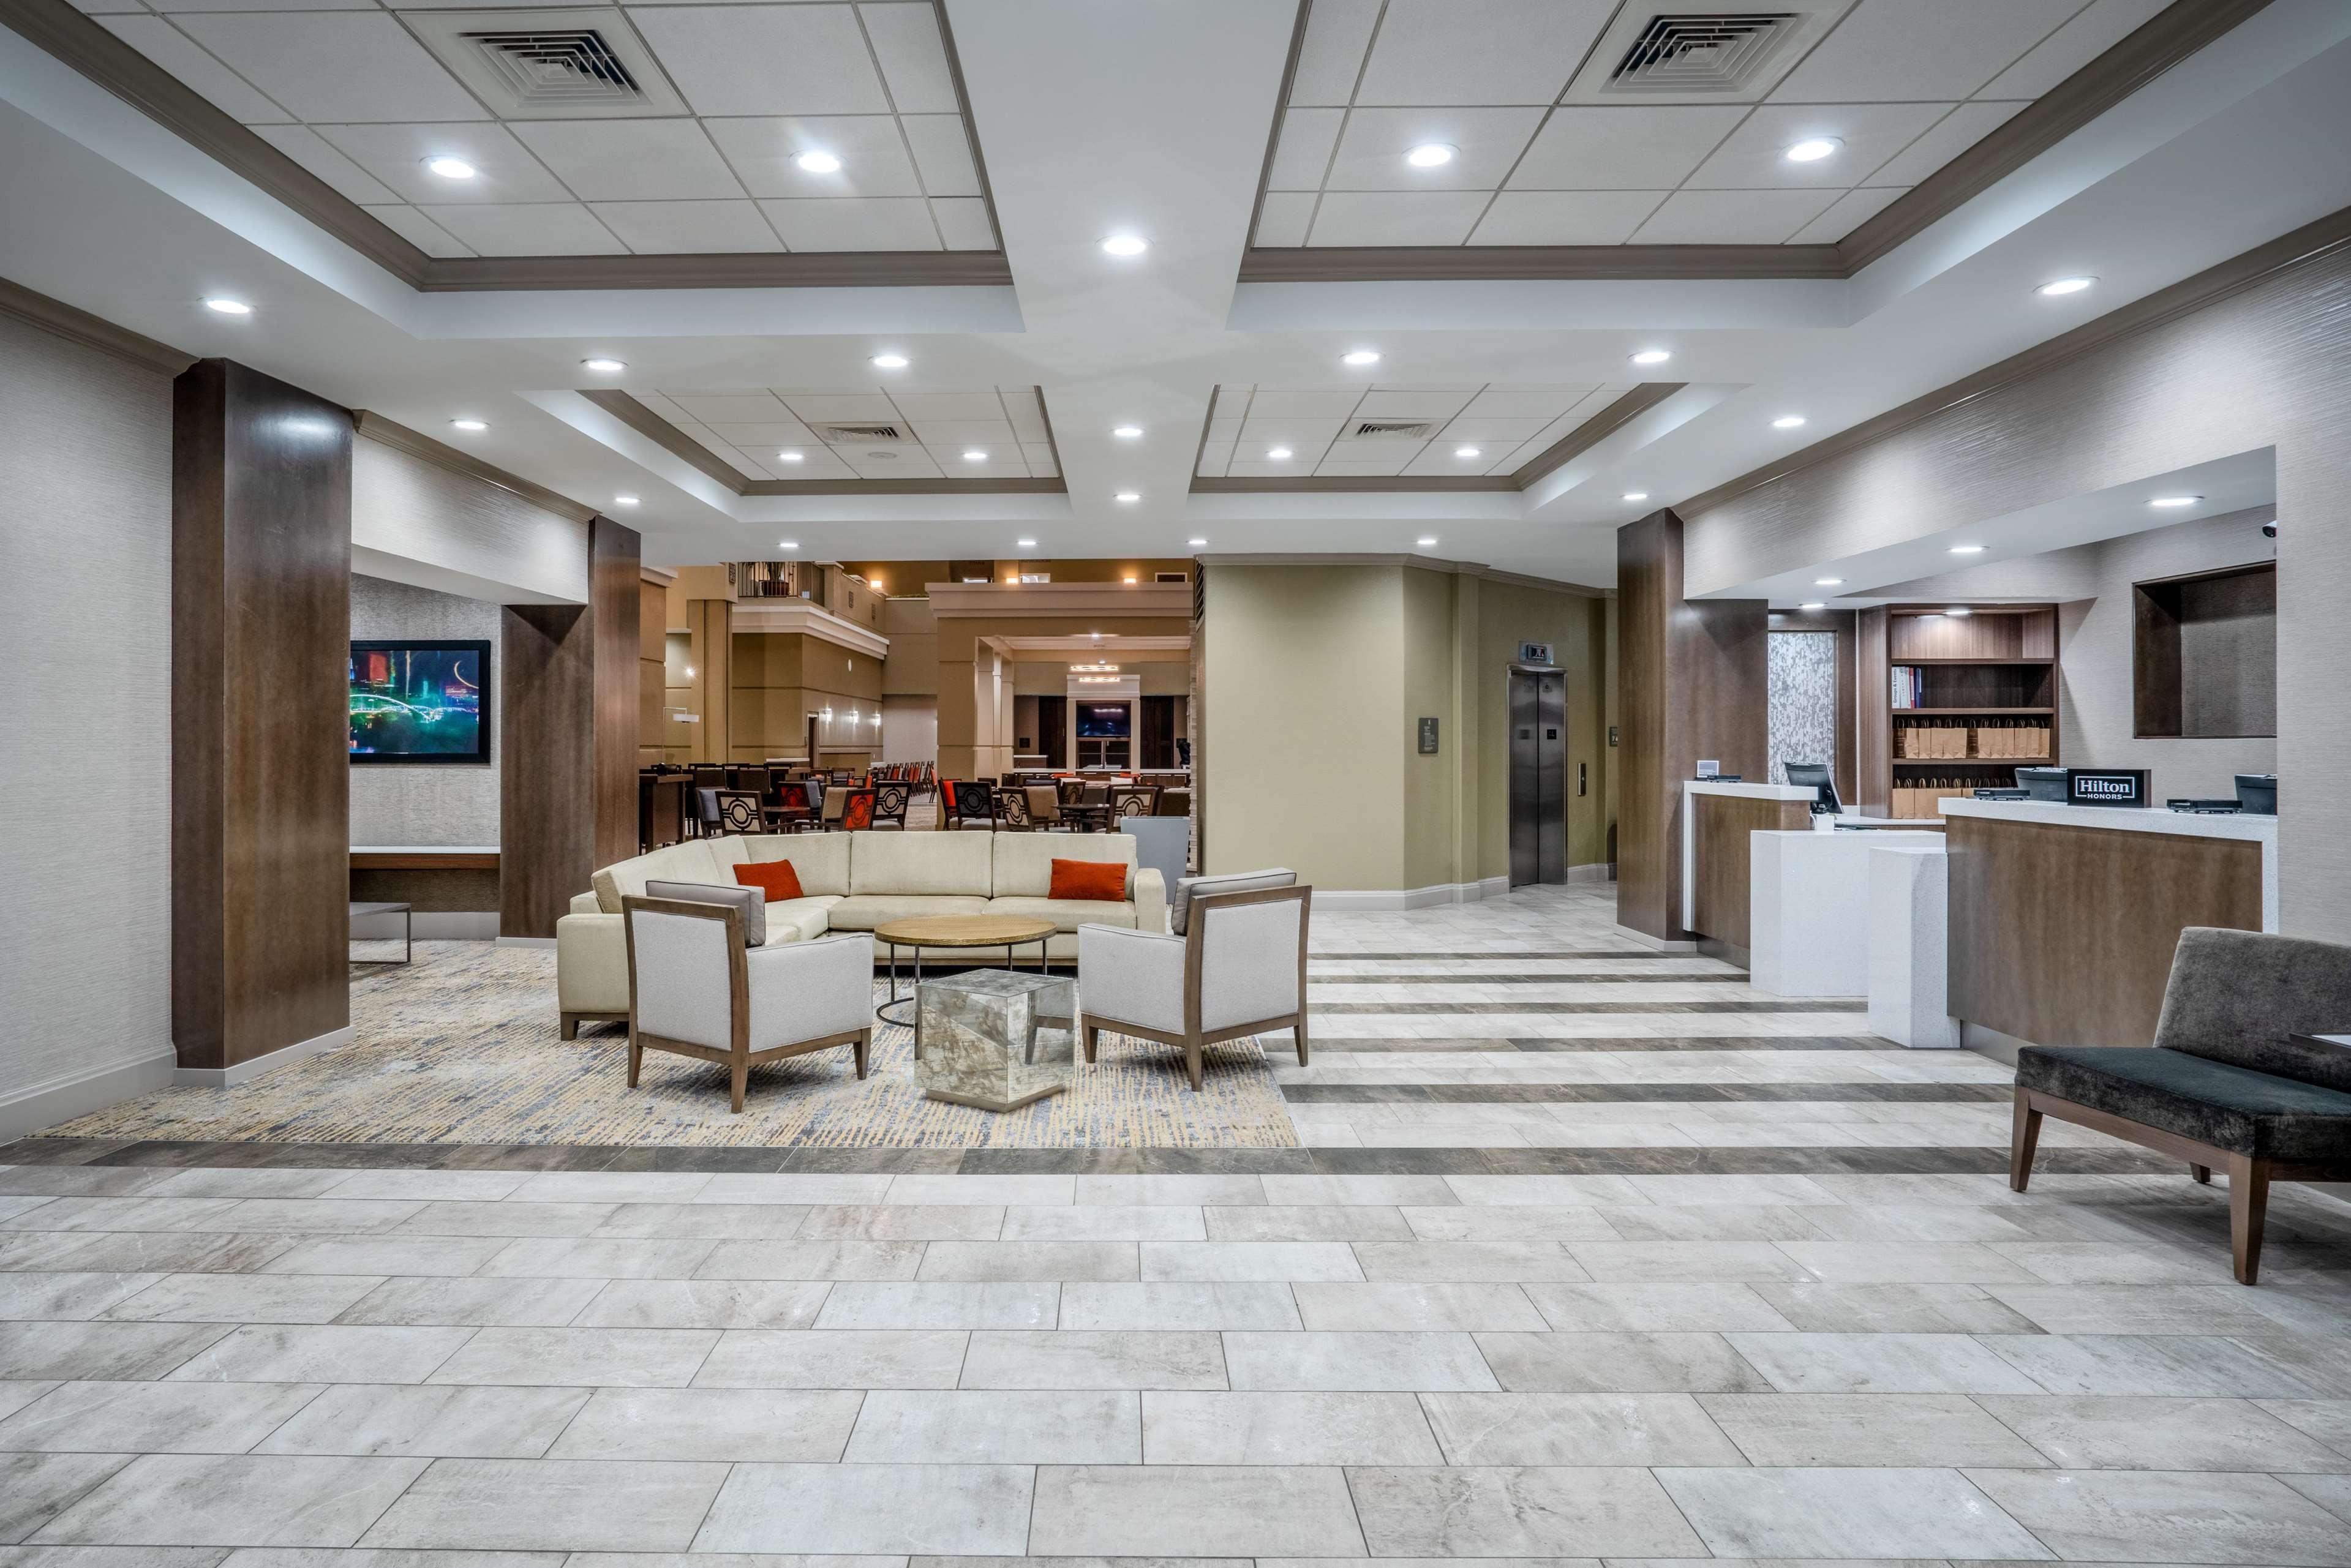 Embassy Suites by Hilton Nashville at Vanderbilt image 13